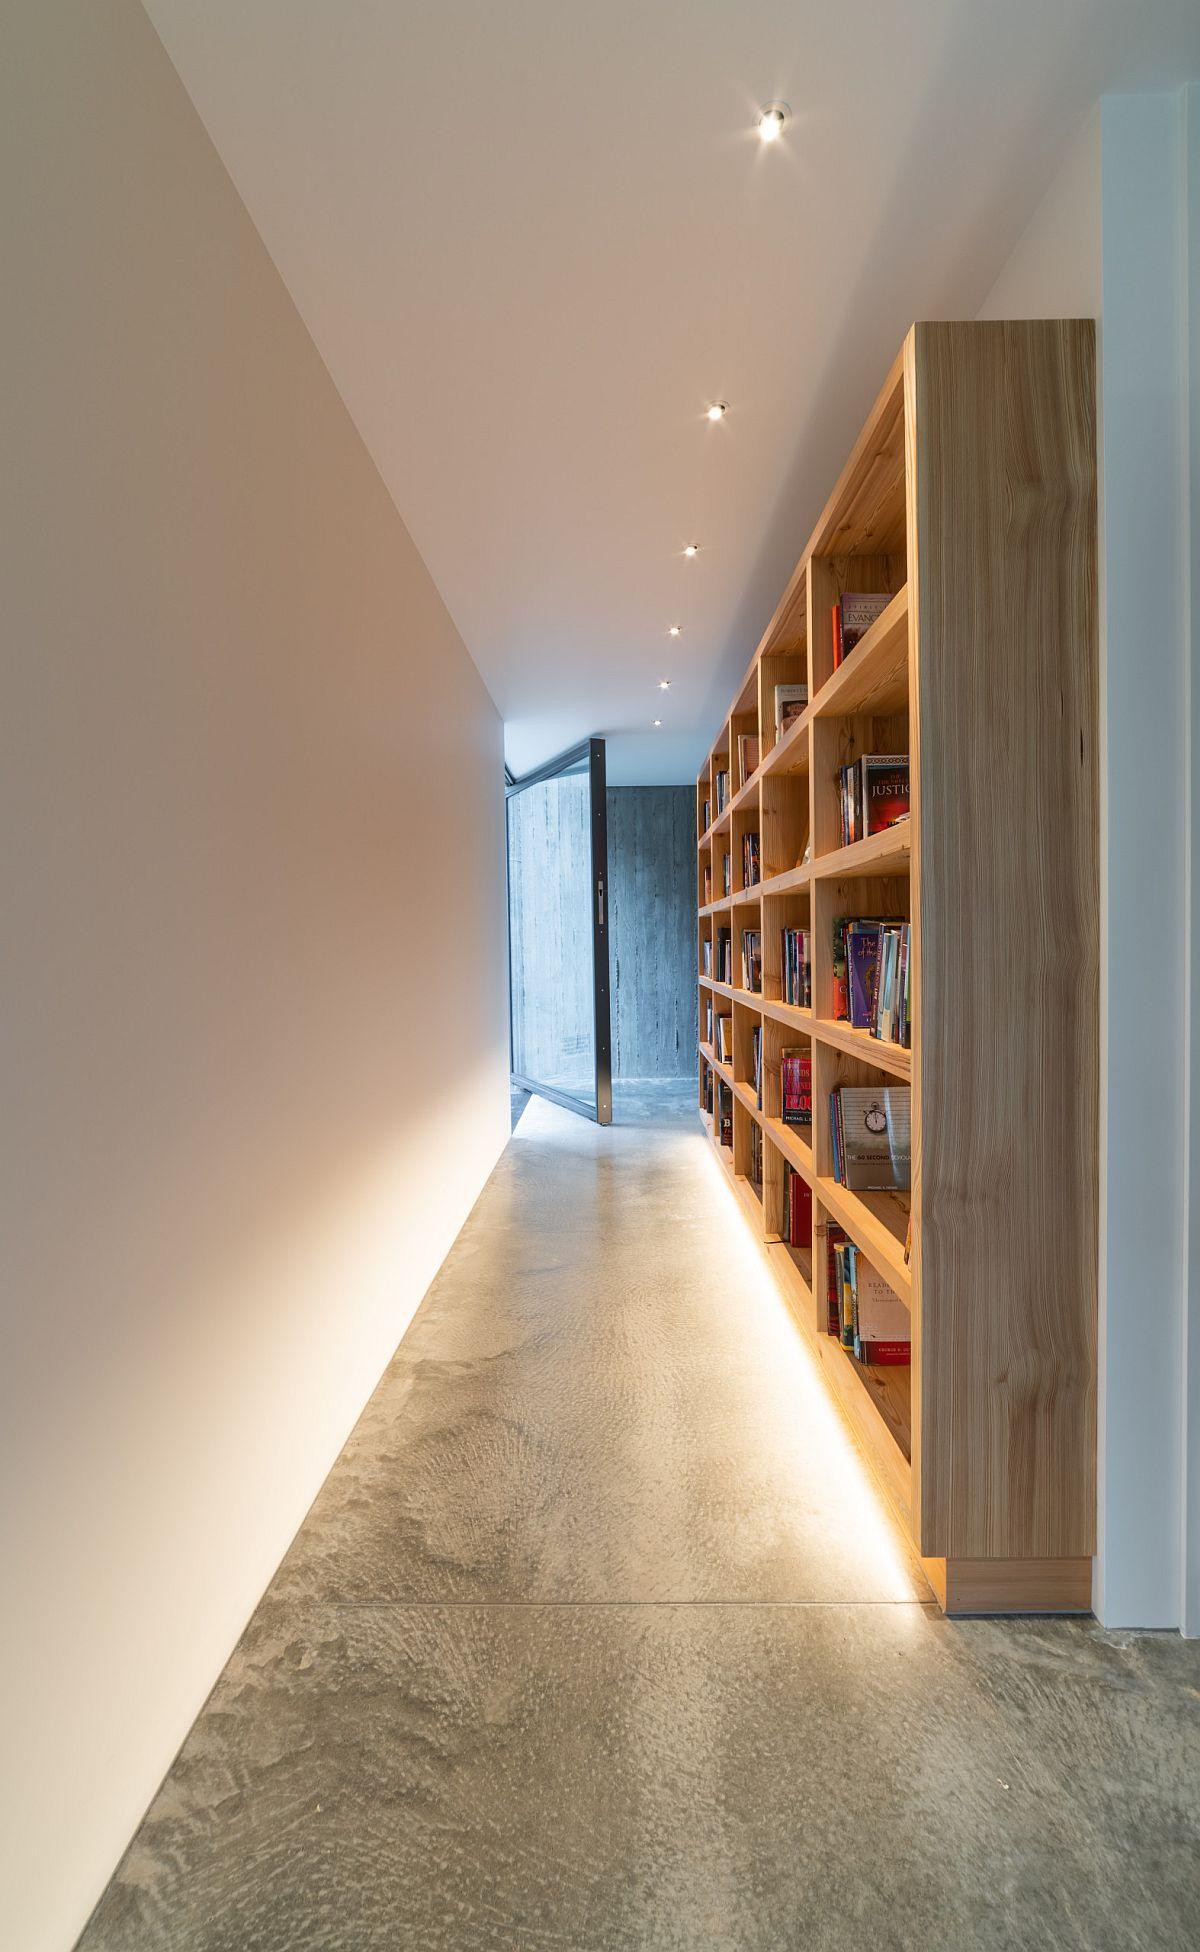 Giá sách gỗ tùy chỉnh ở hành lang thêm một cái gì đó khác biệt cho ngôi nhà hiện đại.